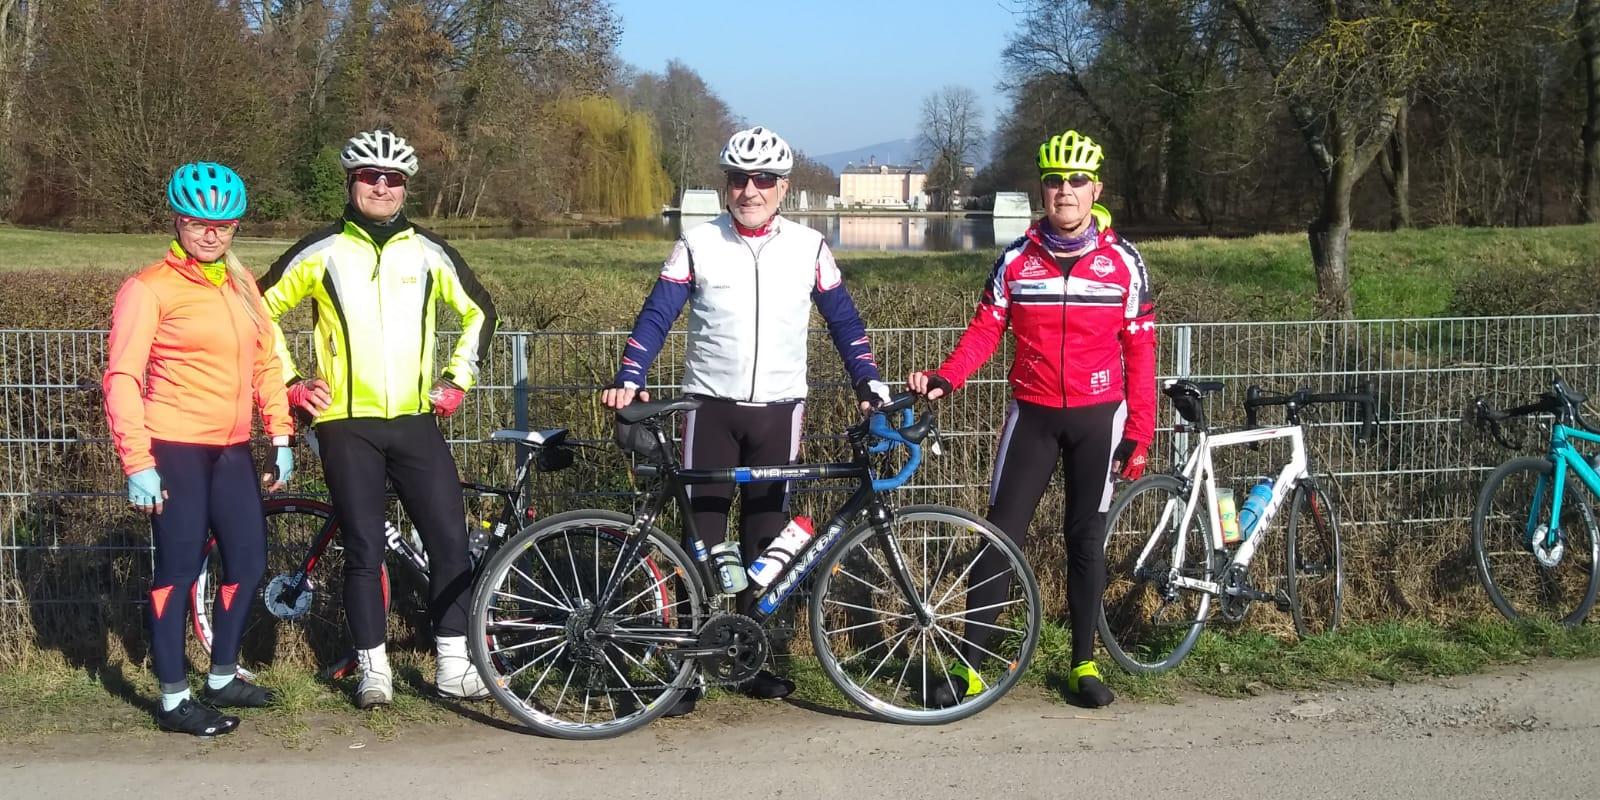 März 2021 - eine Woche im März waren Gruppenfahrten möglich - Mio, Werner, Klaus & Thomas vor dem Schwetzinger Schloß